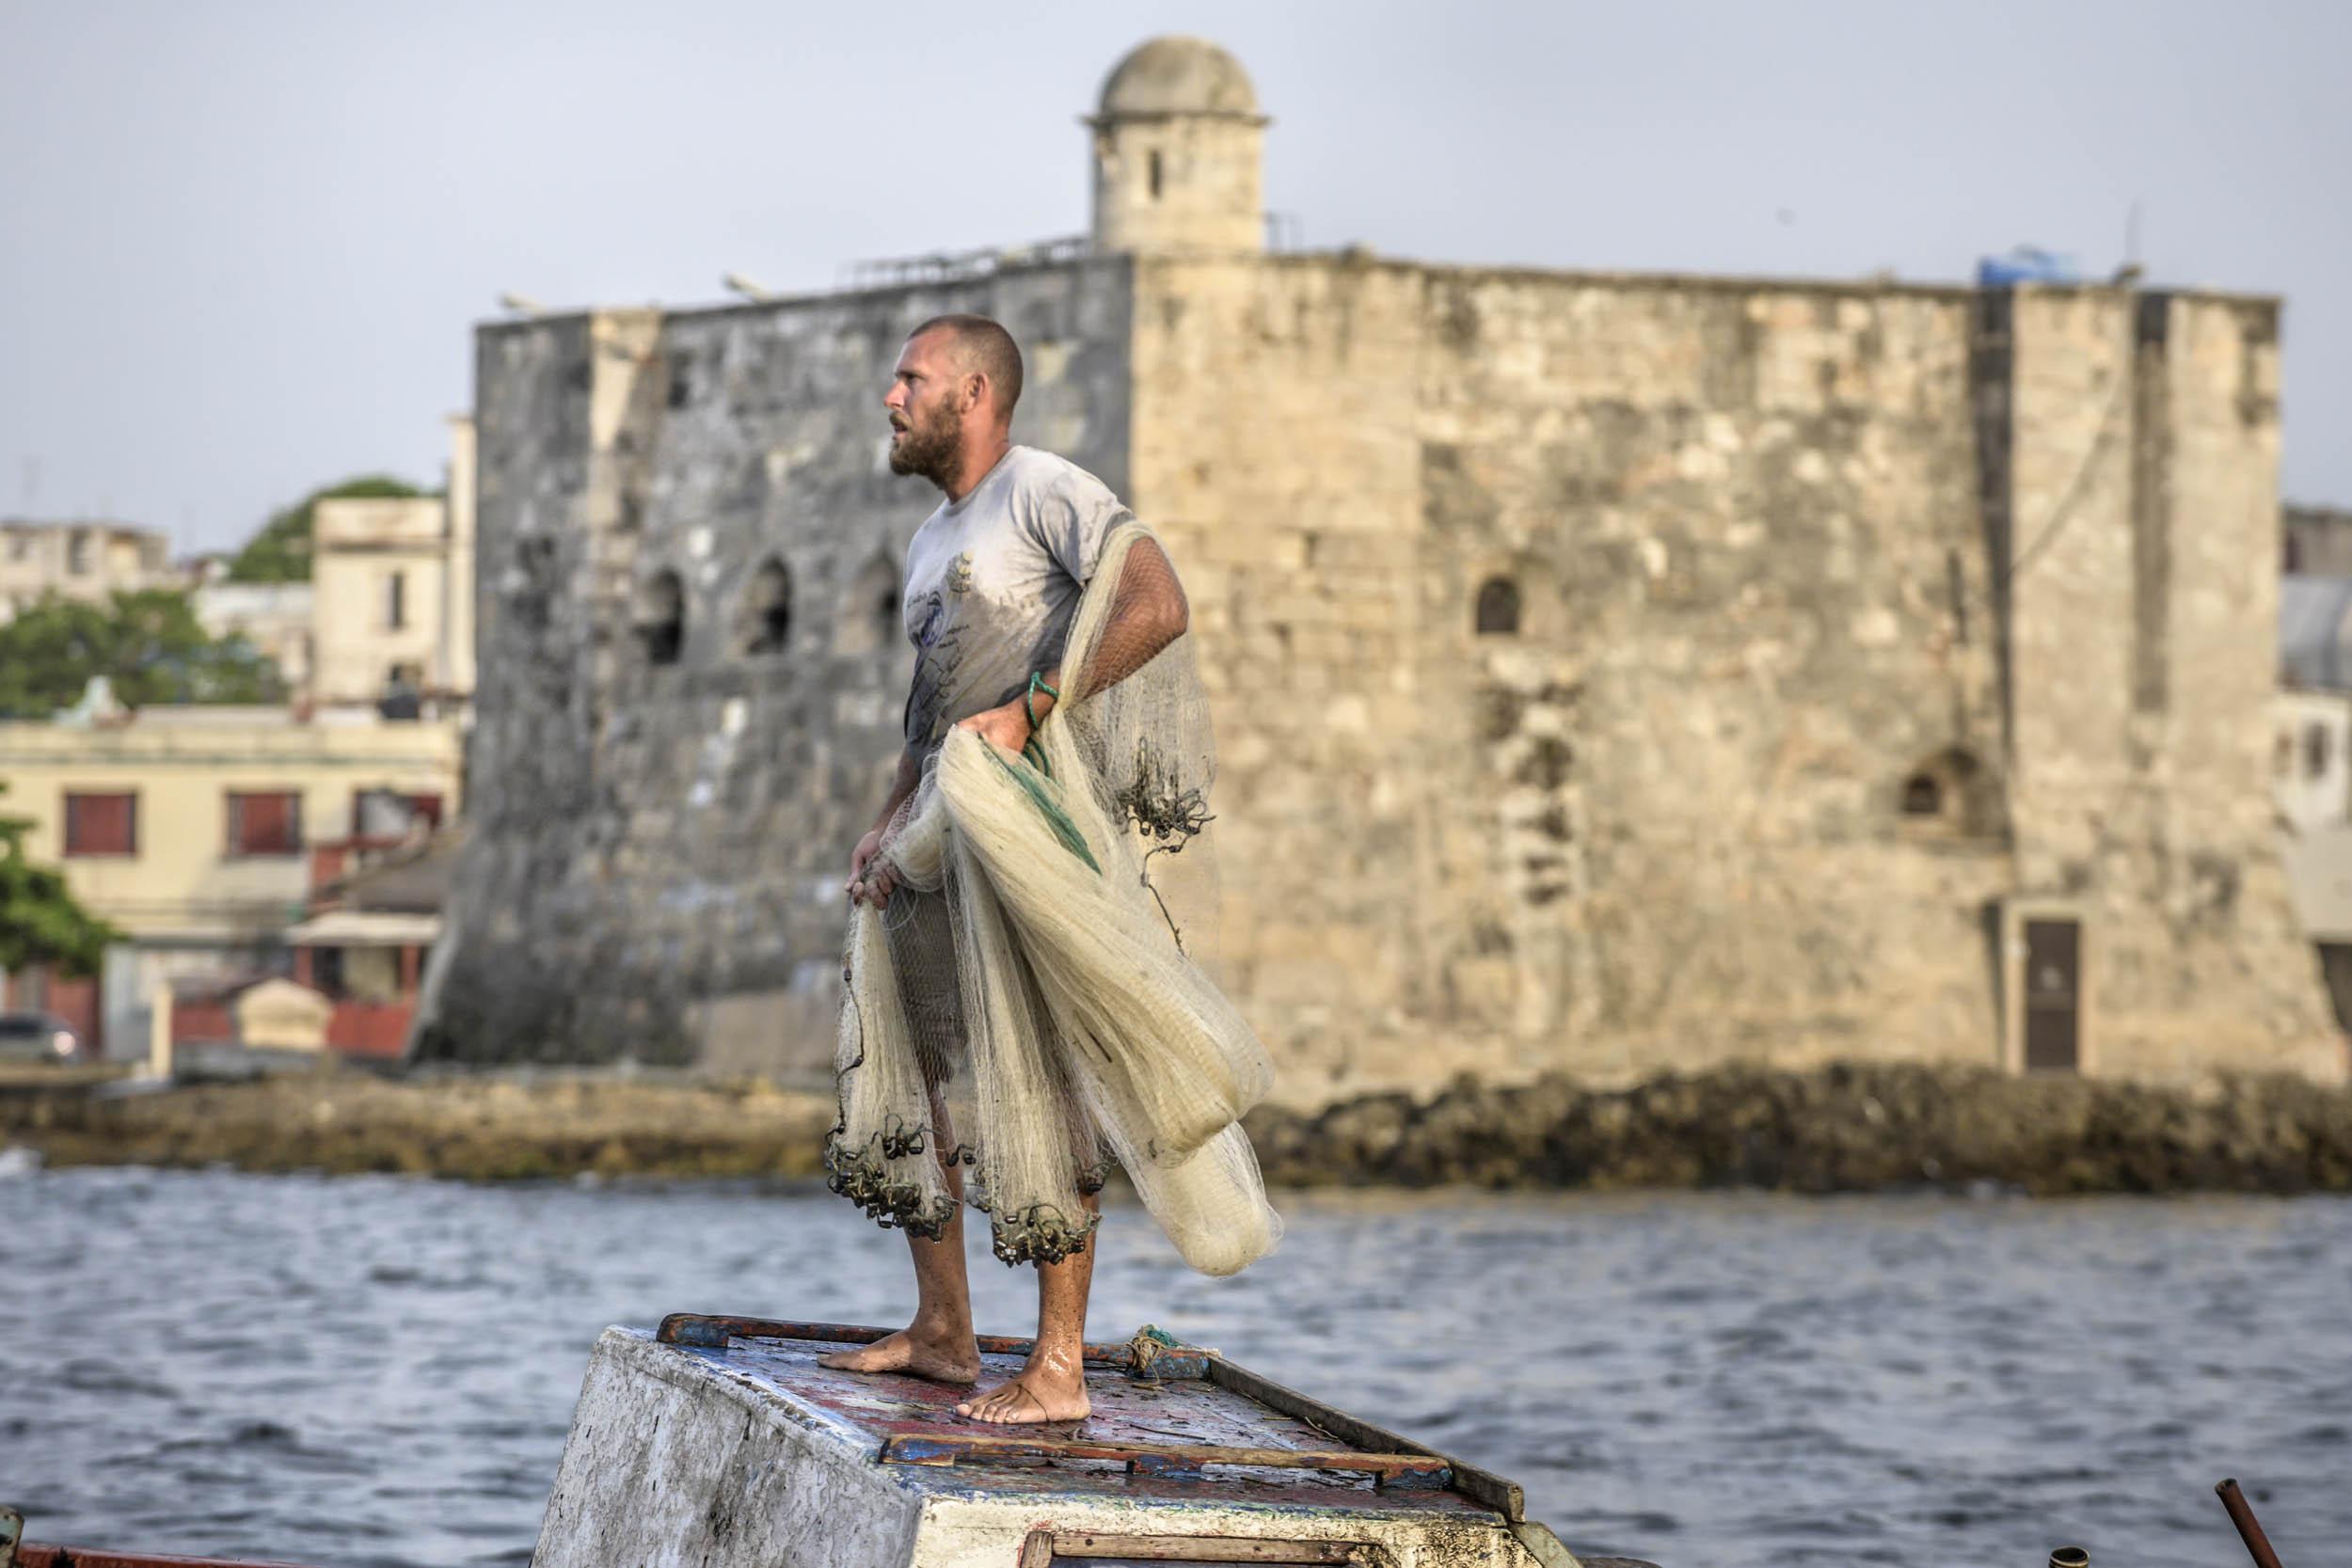 Pescador en la Chorrera - Cuba - Hector Garrido, Aerial and human photography